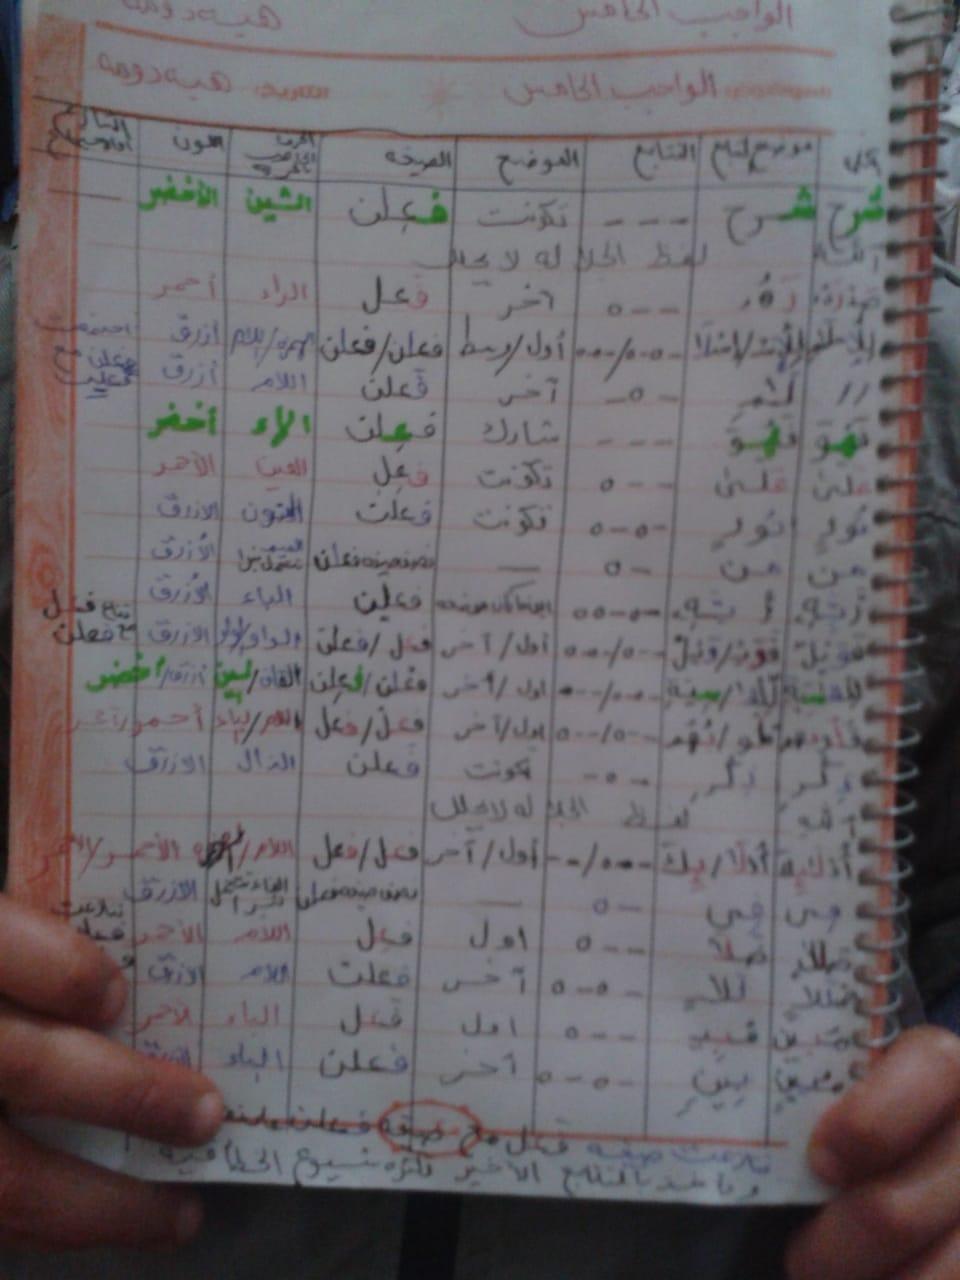 الواجب الخامس / الدورة الخامسة - صفحة 4 Oo_cia14